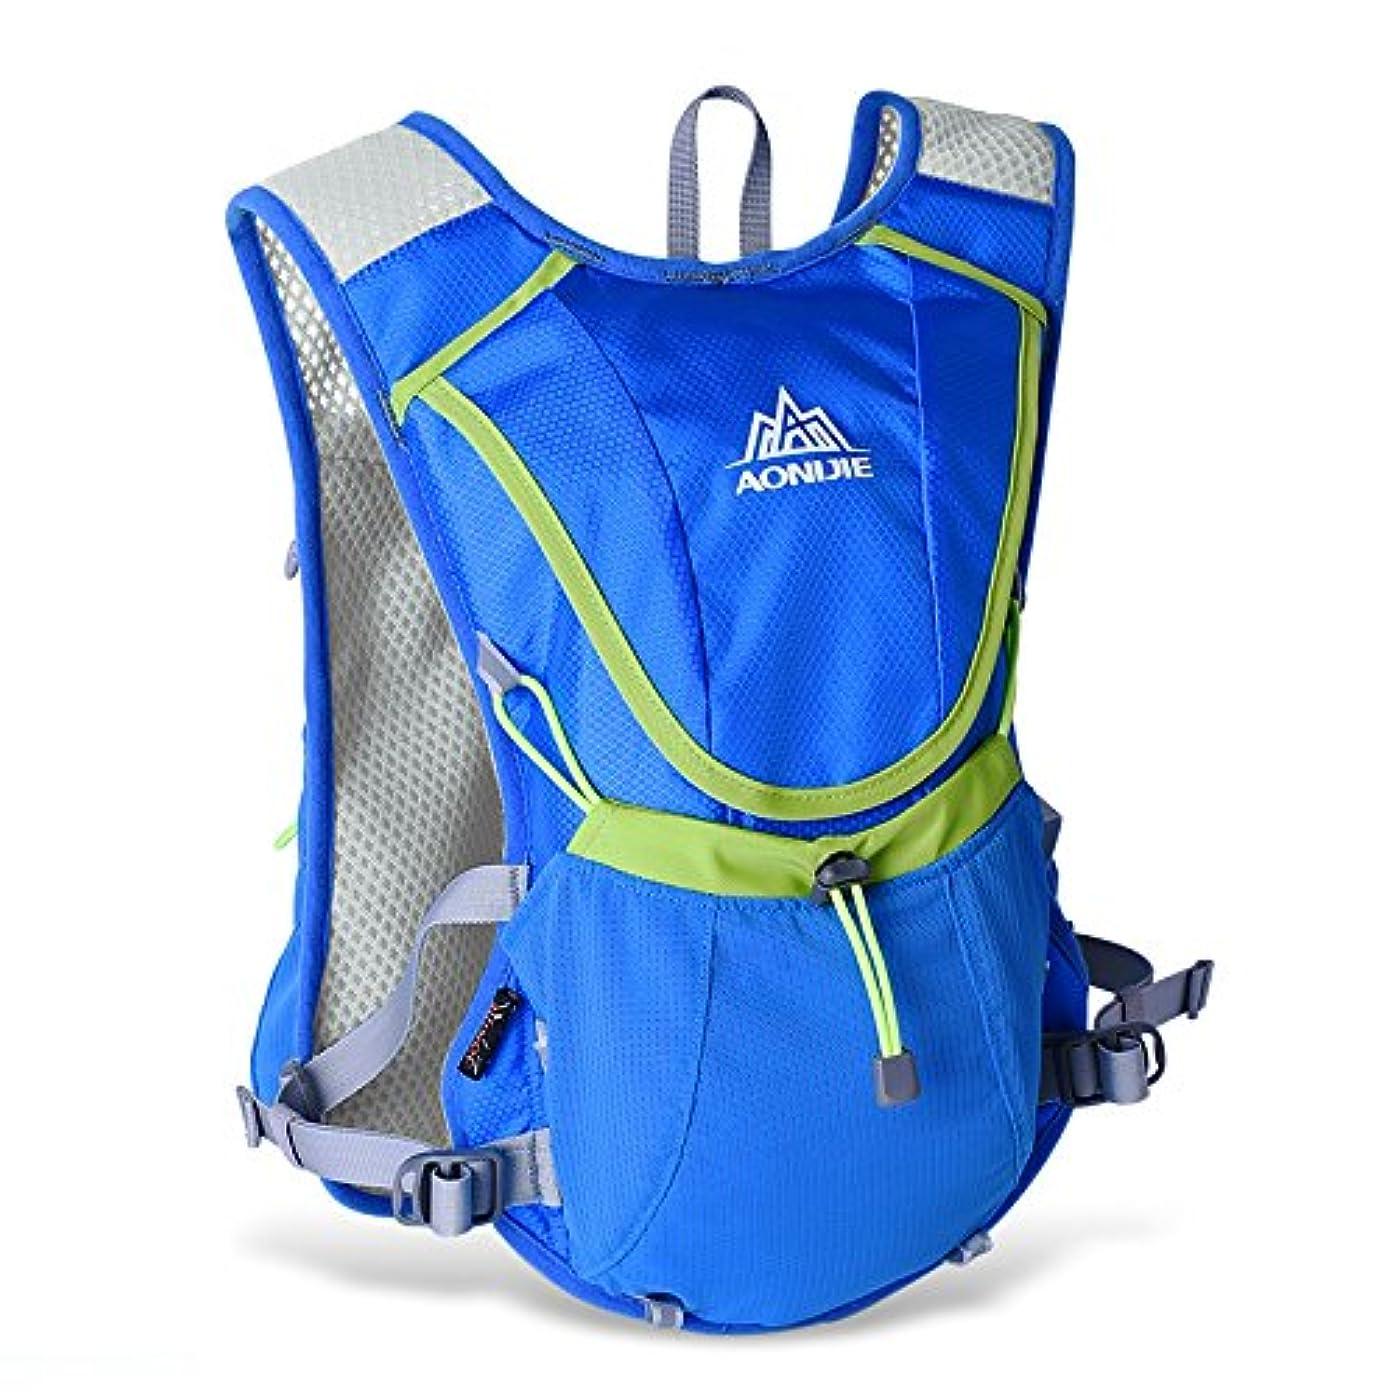 くるみ特徴道を作る【ANJ-E883】ランニング?サイクリング?ハイキング用 超軽量?コンパクト 本格ハイドレーションバッグ